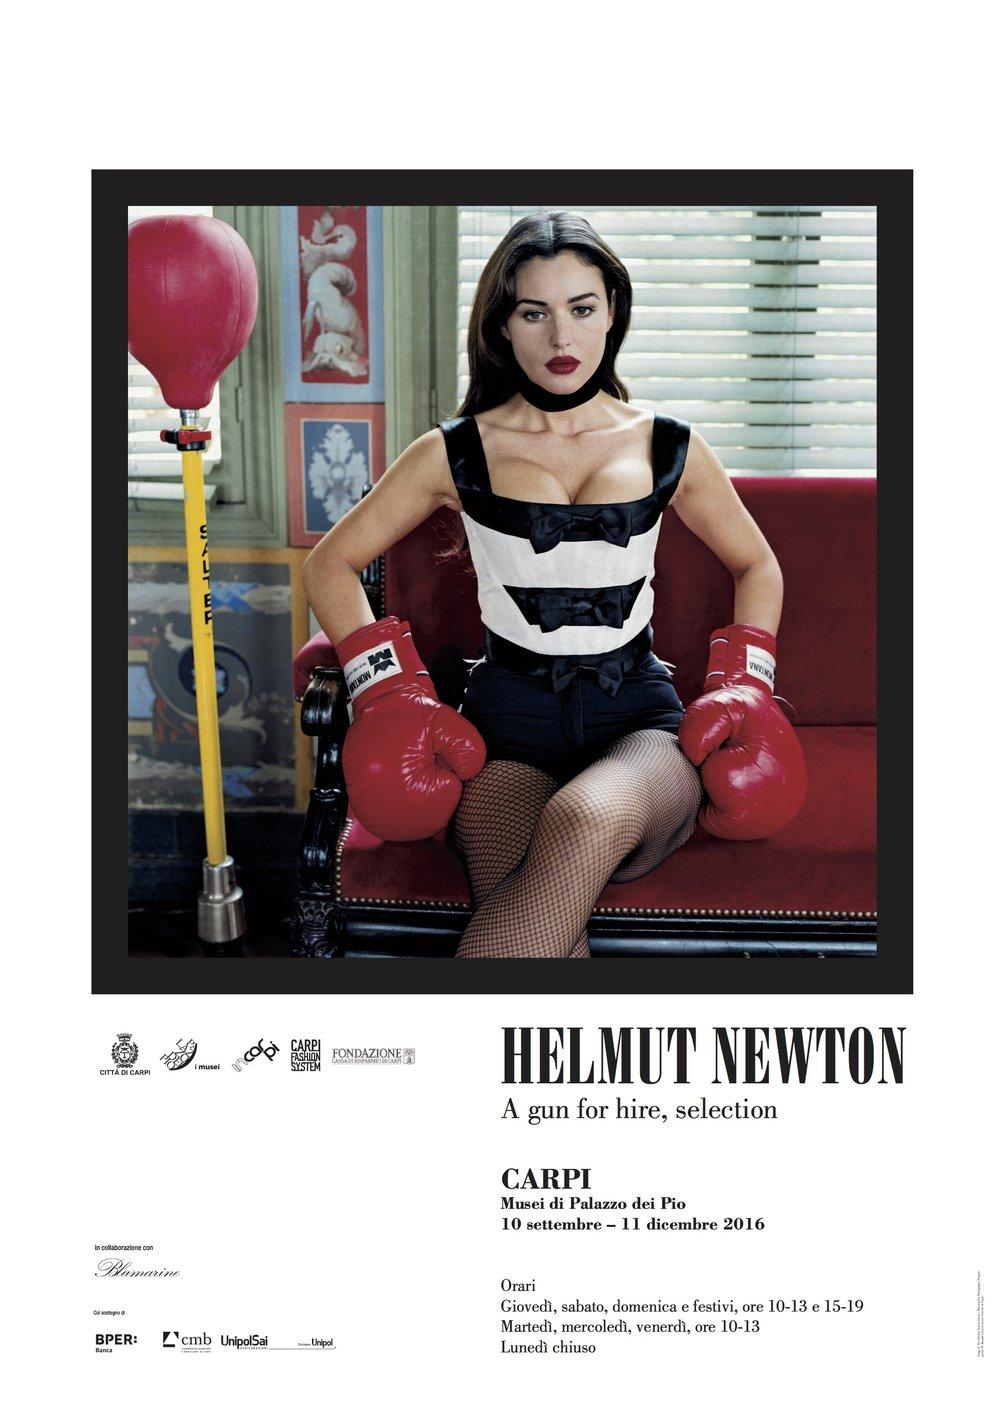 2016 Carpi poster.jpg